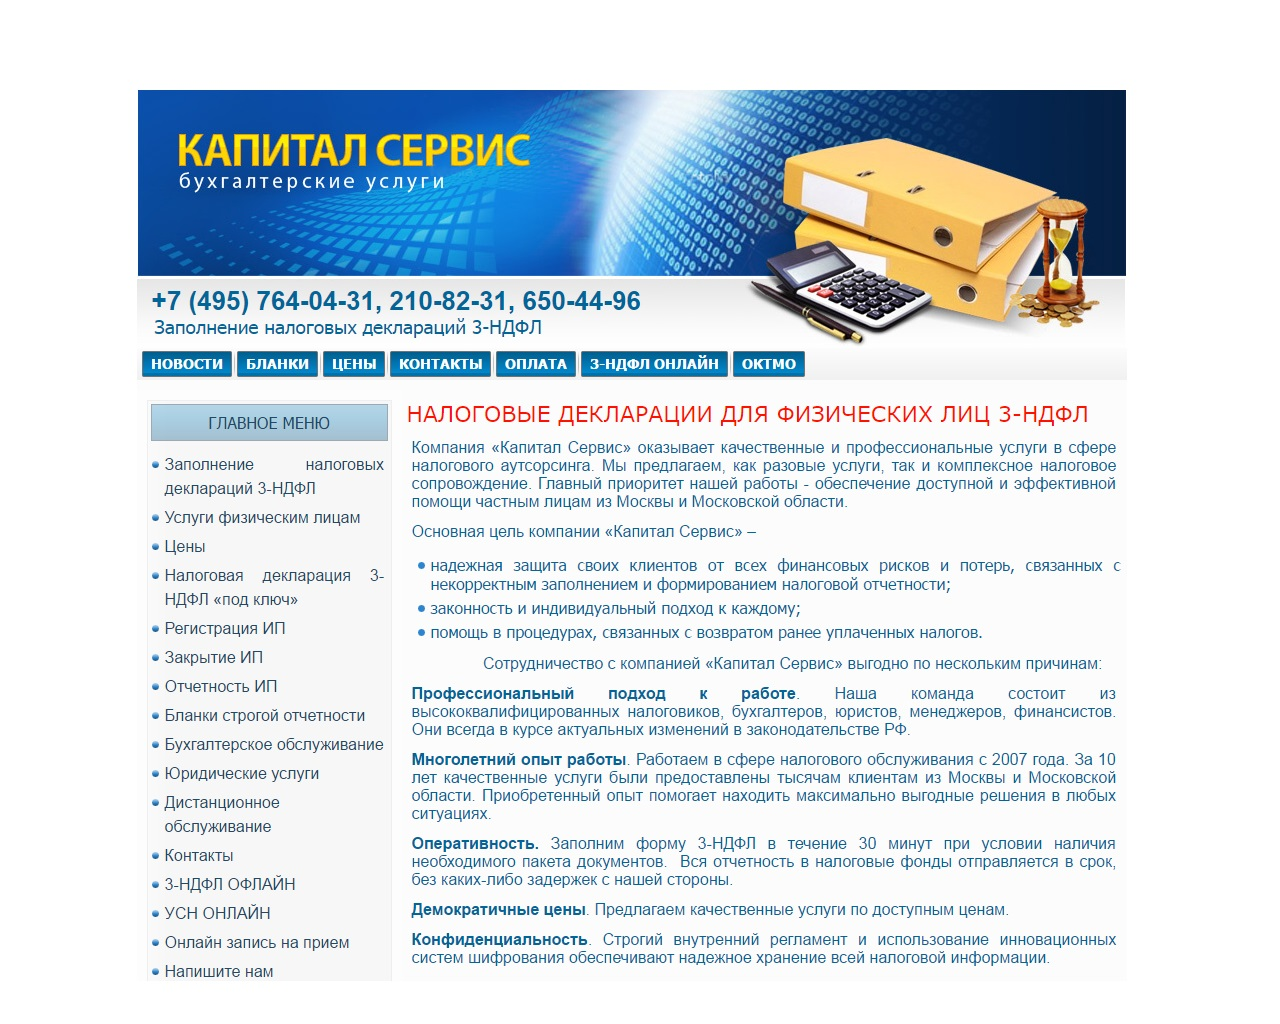 Капитал сервис бухгалтерские услуги продажа оборудования без ндс